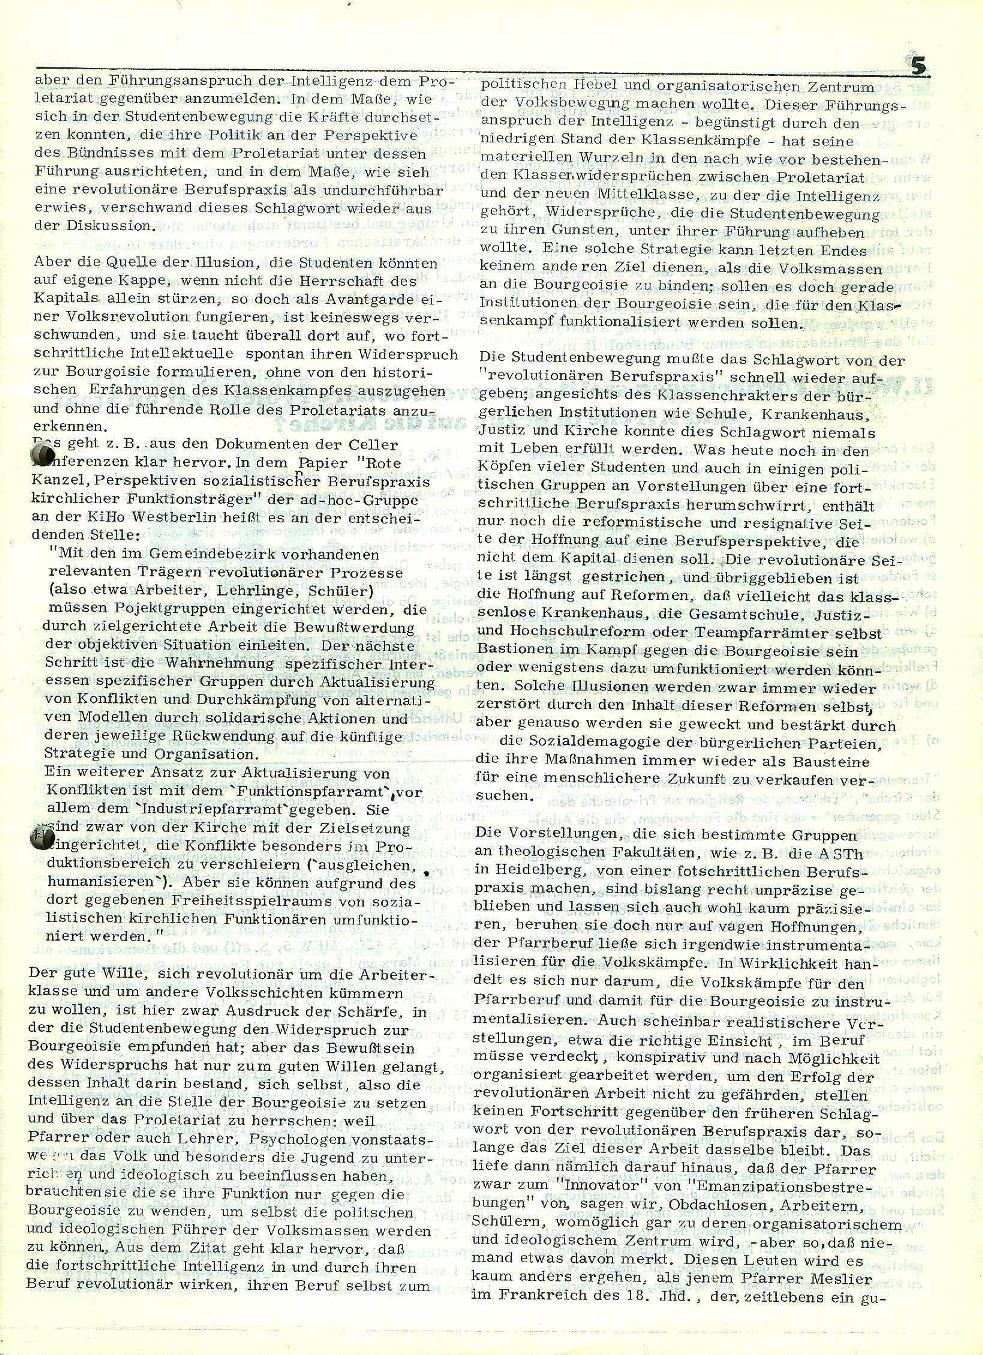 Heidelberg_Theologie_1973_03_05